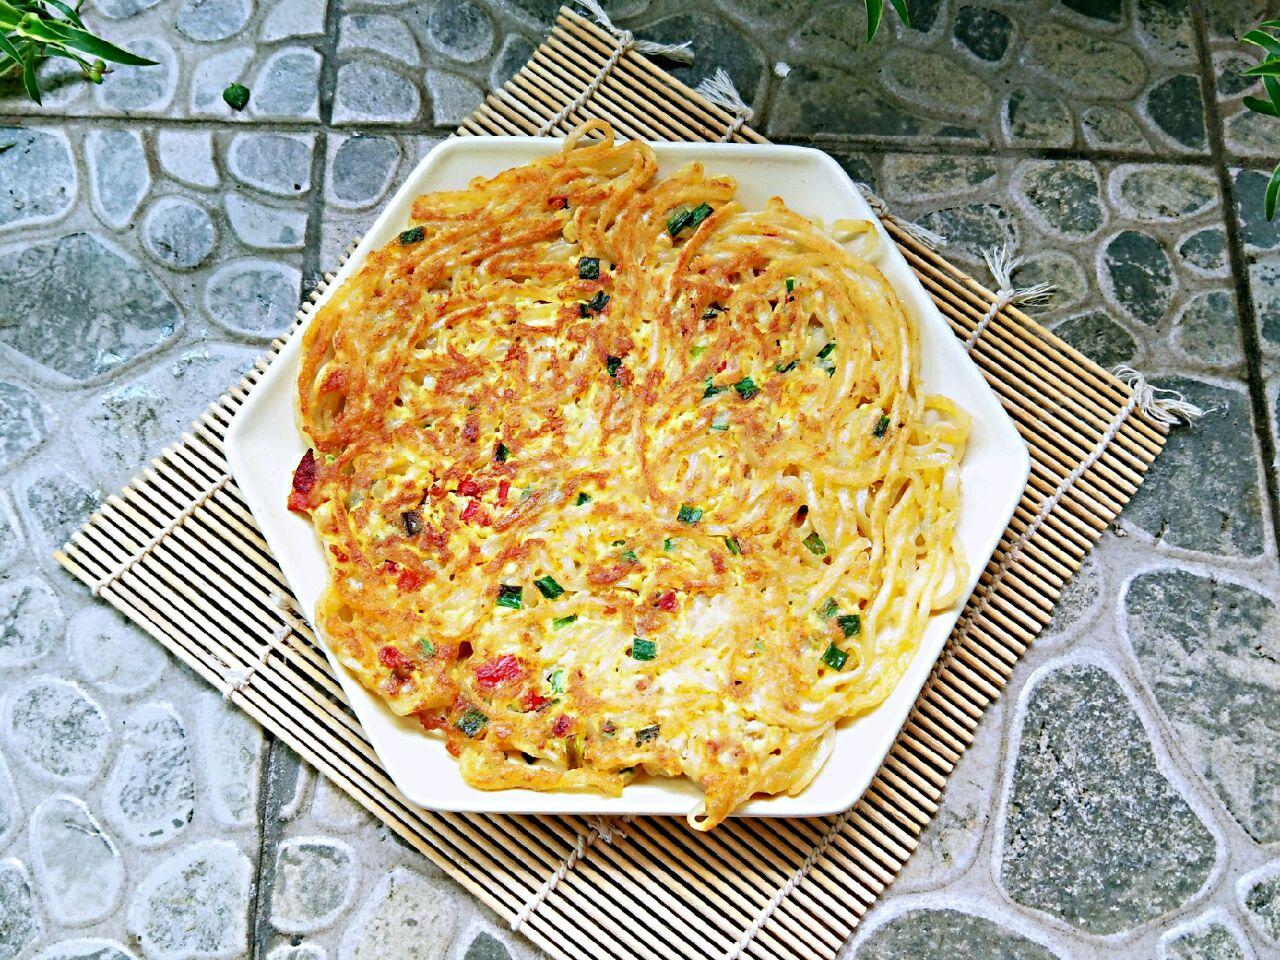 煎菜谱的大全_鸡胸_豆果做法做法炒面条肉美食黄瓜家常菜图片